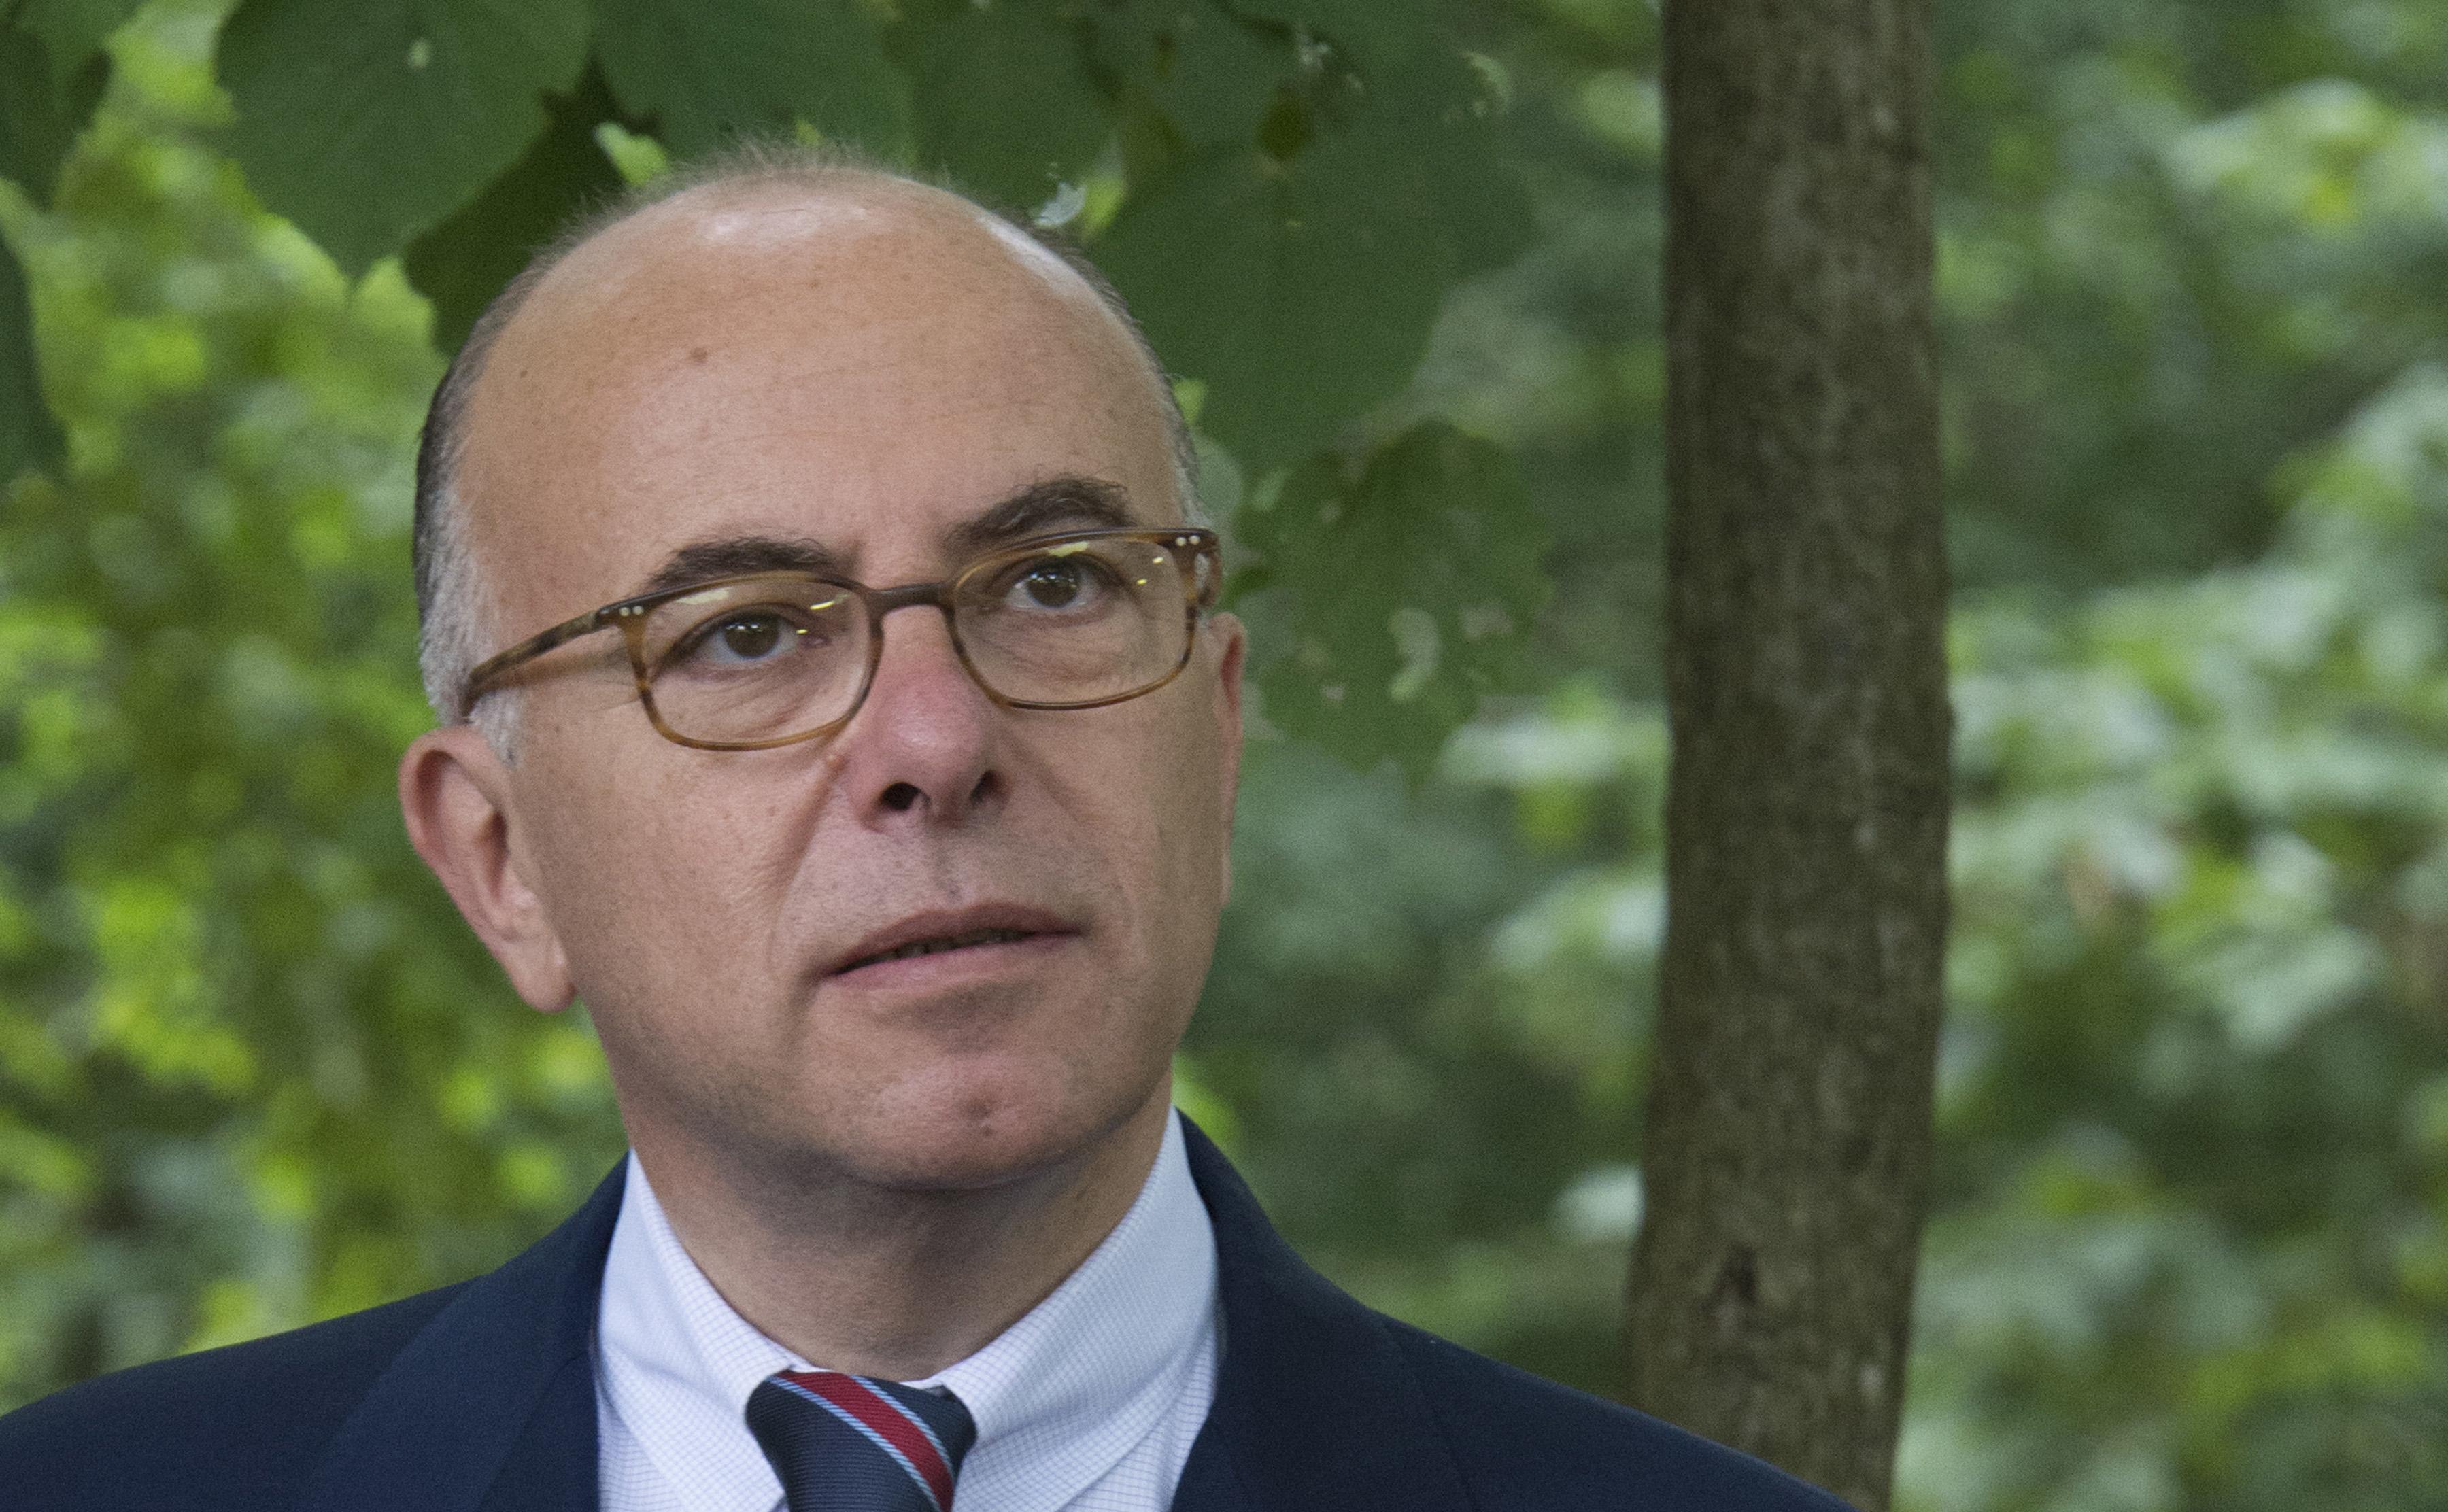 Entretien de bernard cazeneuve dans la croix france in for Chambre de commerce franco britannique londres